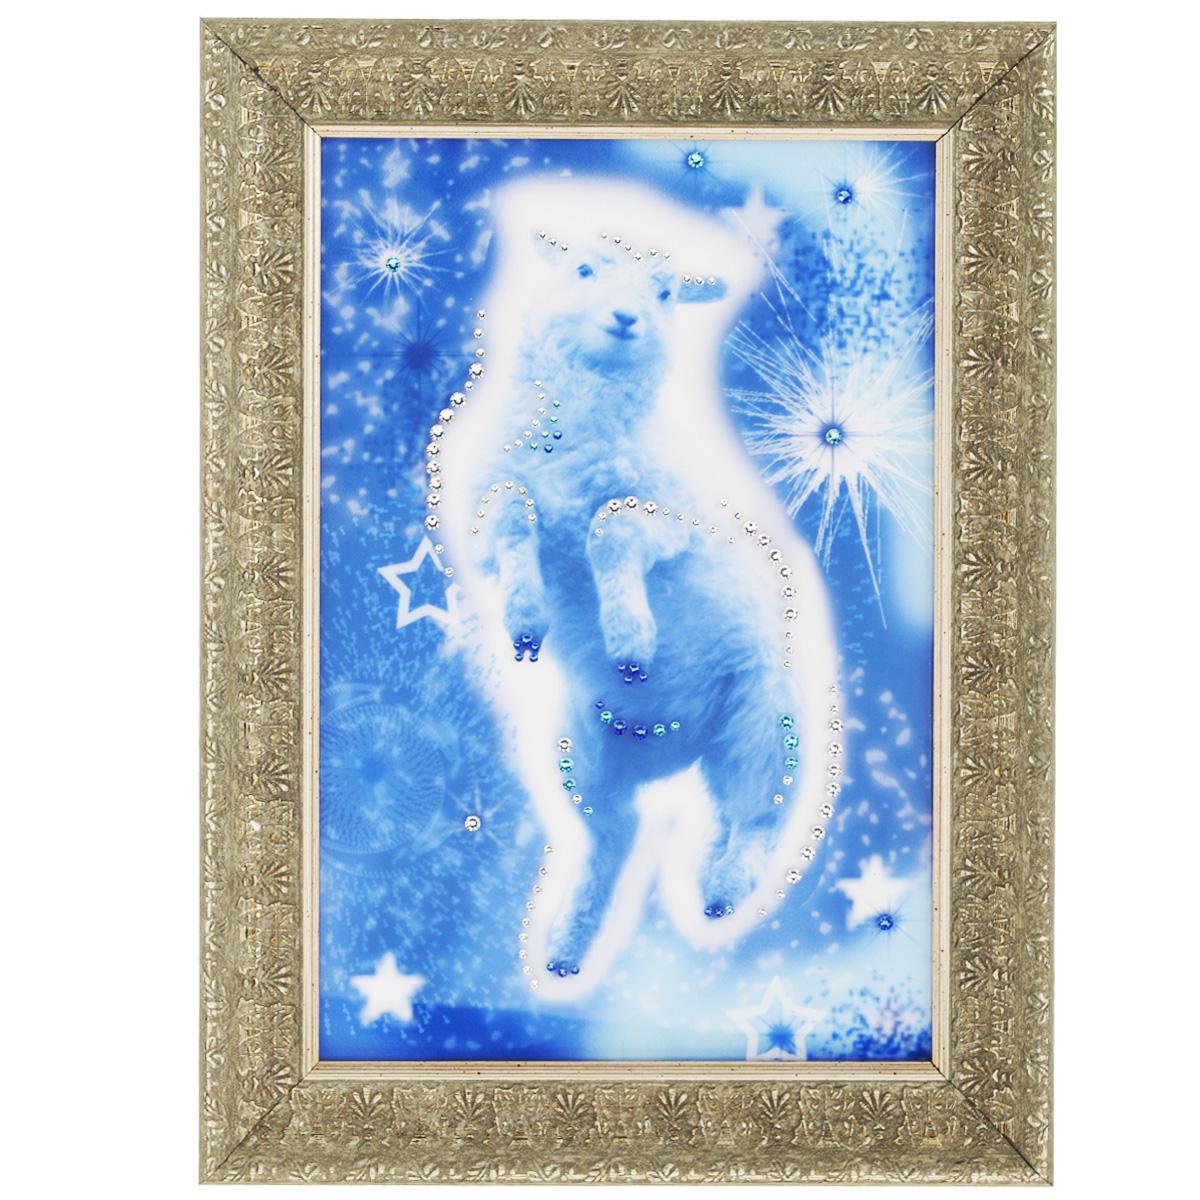 Картина с кристаллами Swarovski Звездная овечка, 29 х 39 см1550Изящная картина в багетной раме, инкрустирована кристаллами Swarovski, которые отличаются четкой и ровной огранкой, ярким блеском и чистотой цвета. Красочное изображение овечки, расположенное под стеклом, прекрасно дополняет блеск кристаллов. С обратной стороны имеется металлическая петелька для размещения картины на стене. Картина с кристаллами Swarovski Звездная овечка элегантно украсит интерьер дома или офиса, а также станет прекрасным подарком, который обязательно понравится получателю. Блеск кристаллов в интерьере, что может быть сказочнее и удивительнее. Картина упакована в подарочную картонную коробку синего цвета и комплектуется сертификатом соответствия Swarovski.